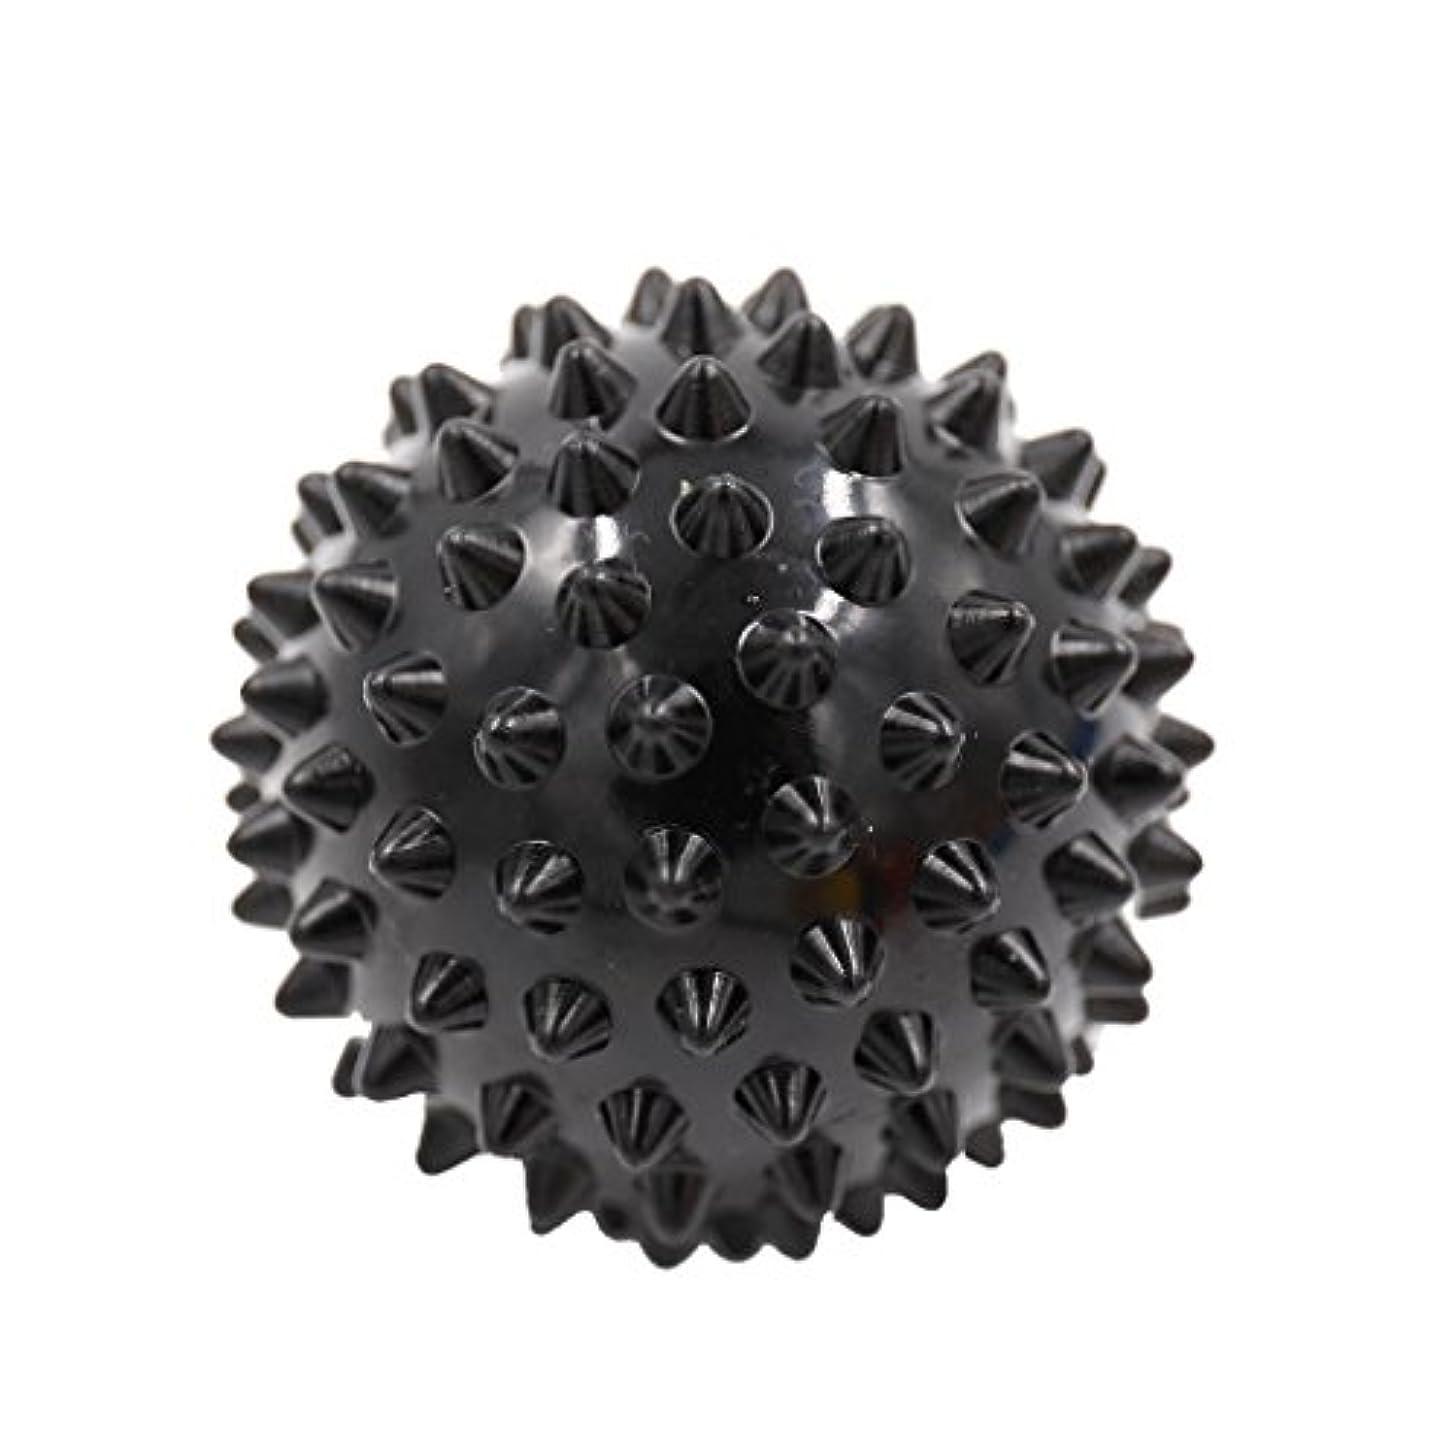 系譜伝統タイプマッサージボール マッサージ器 ボディ レリーフ スパイク マッサージ 刺激ボール 3色選べ - ブラック, 説明したように